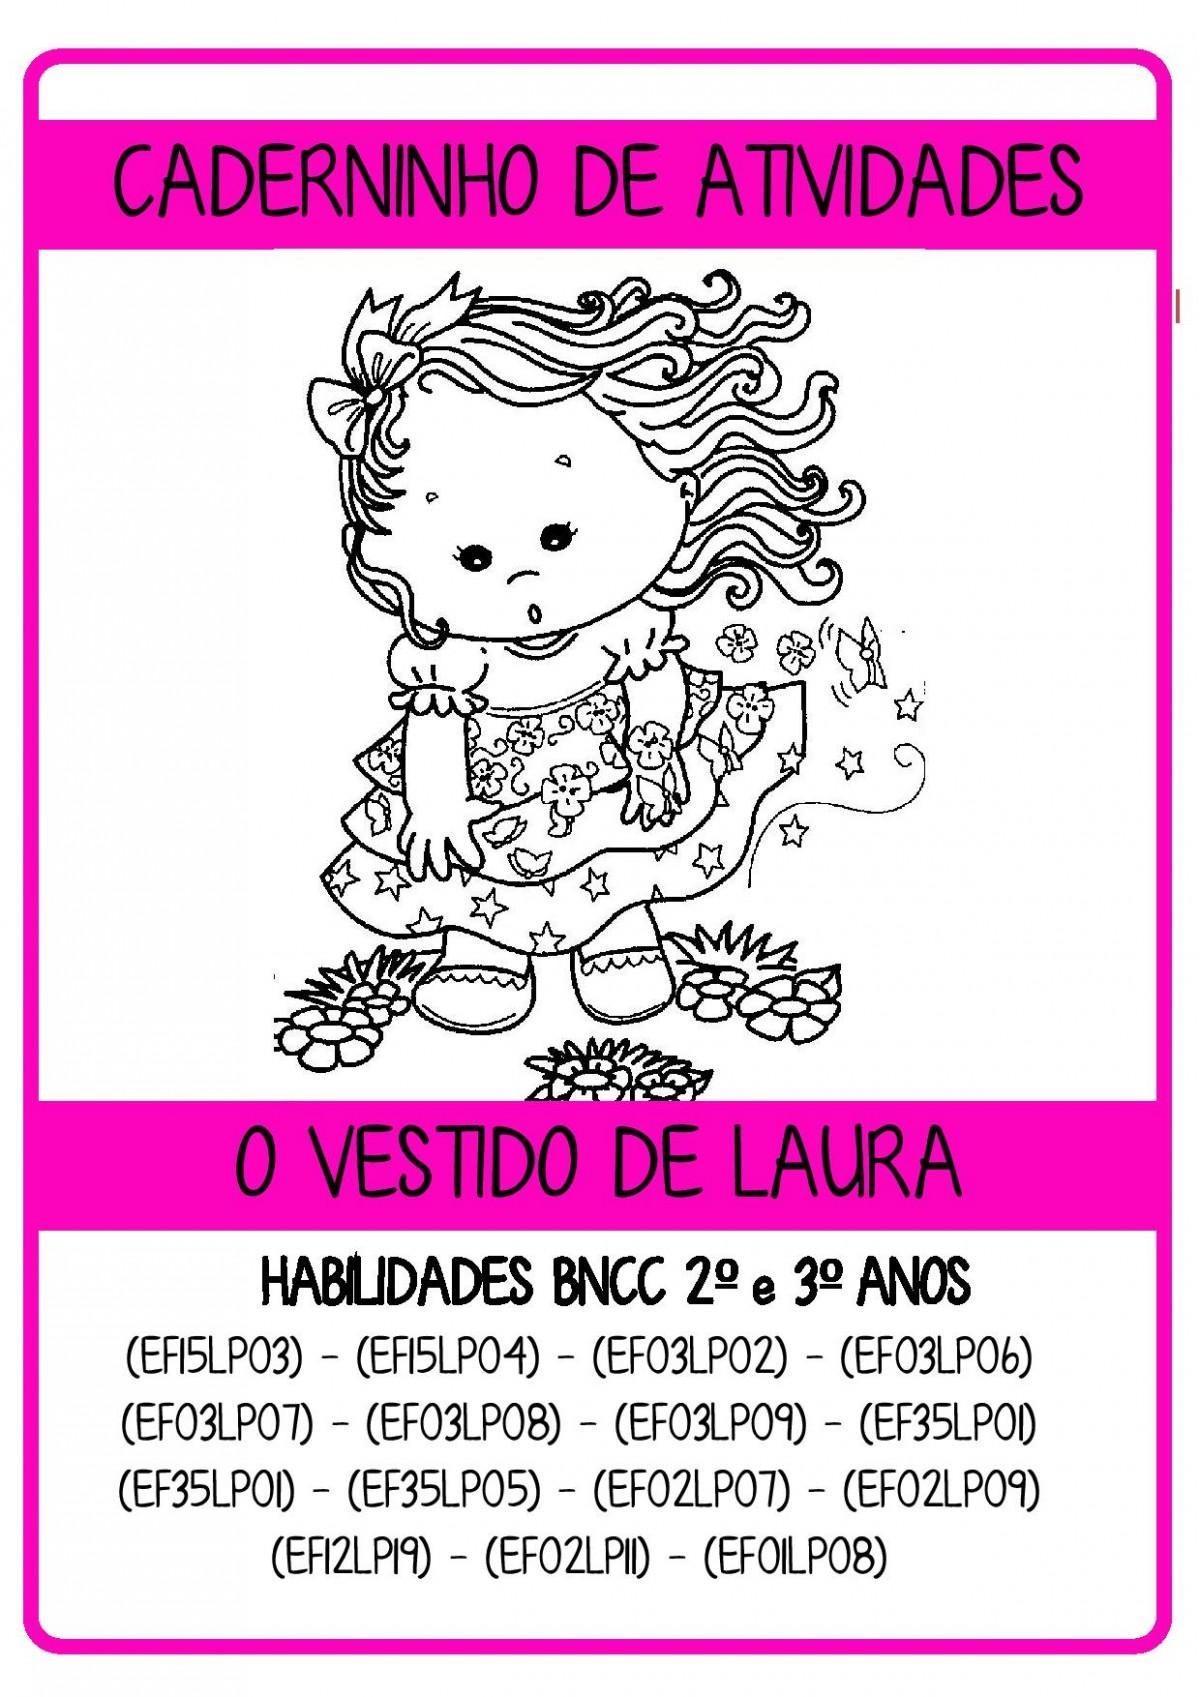 Foto 1 - Caderninho BNCC O vestido de Laura 2º e 3º anos